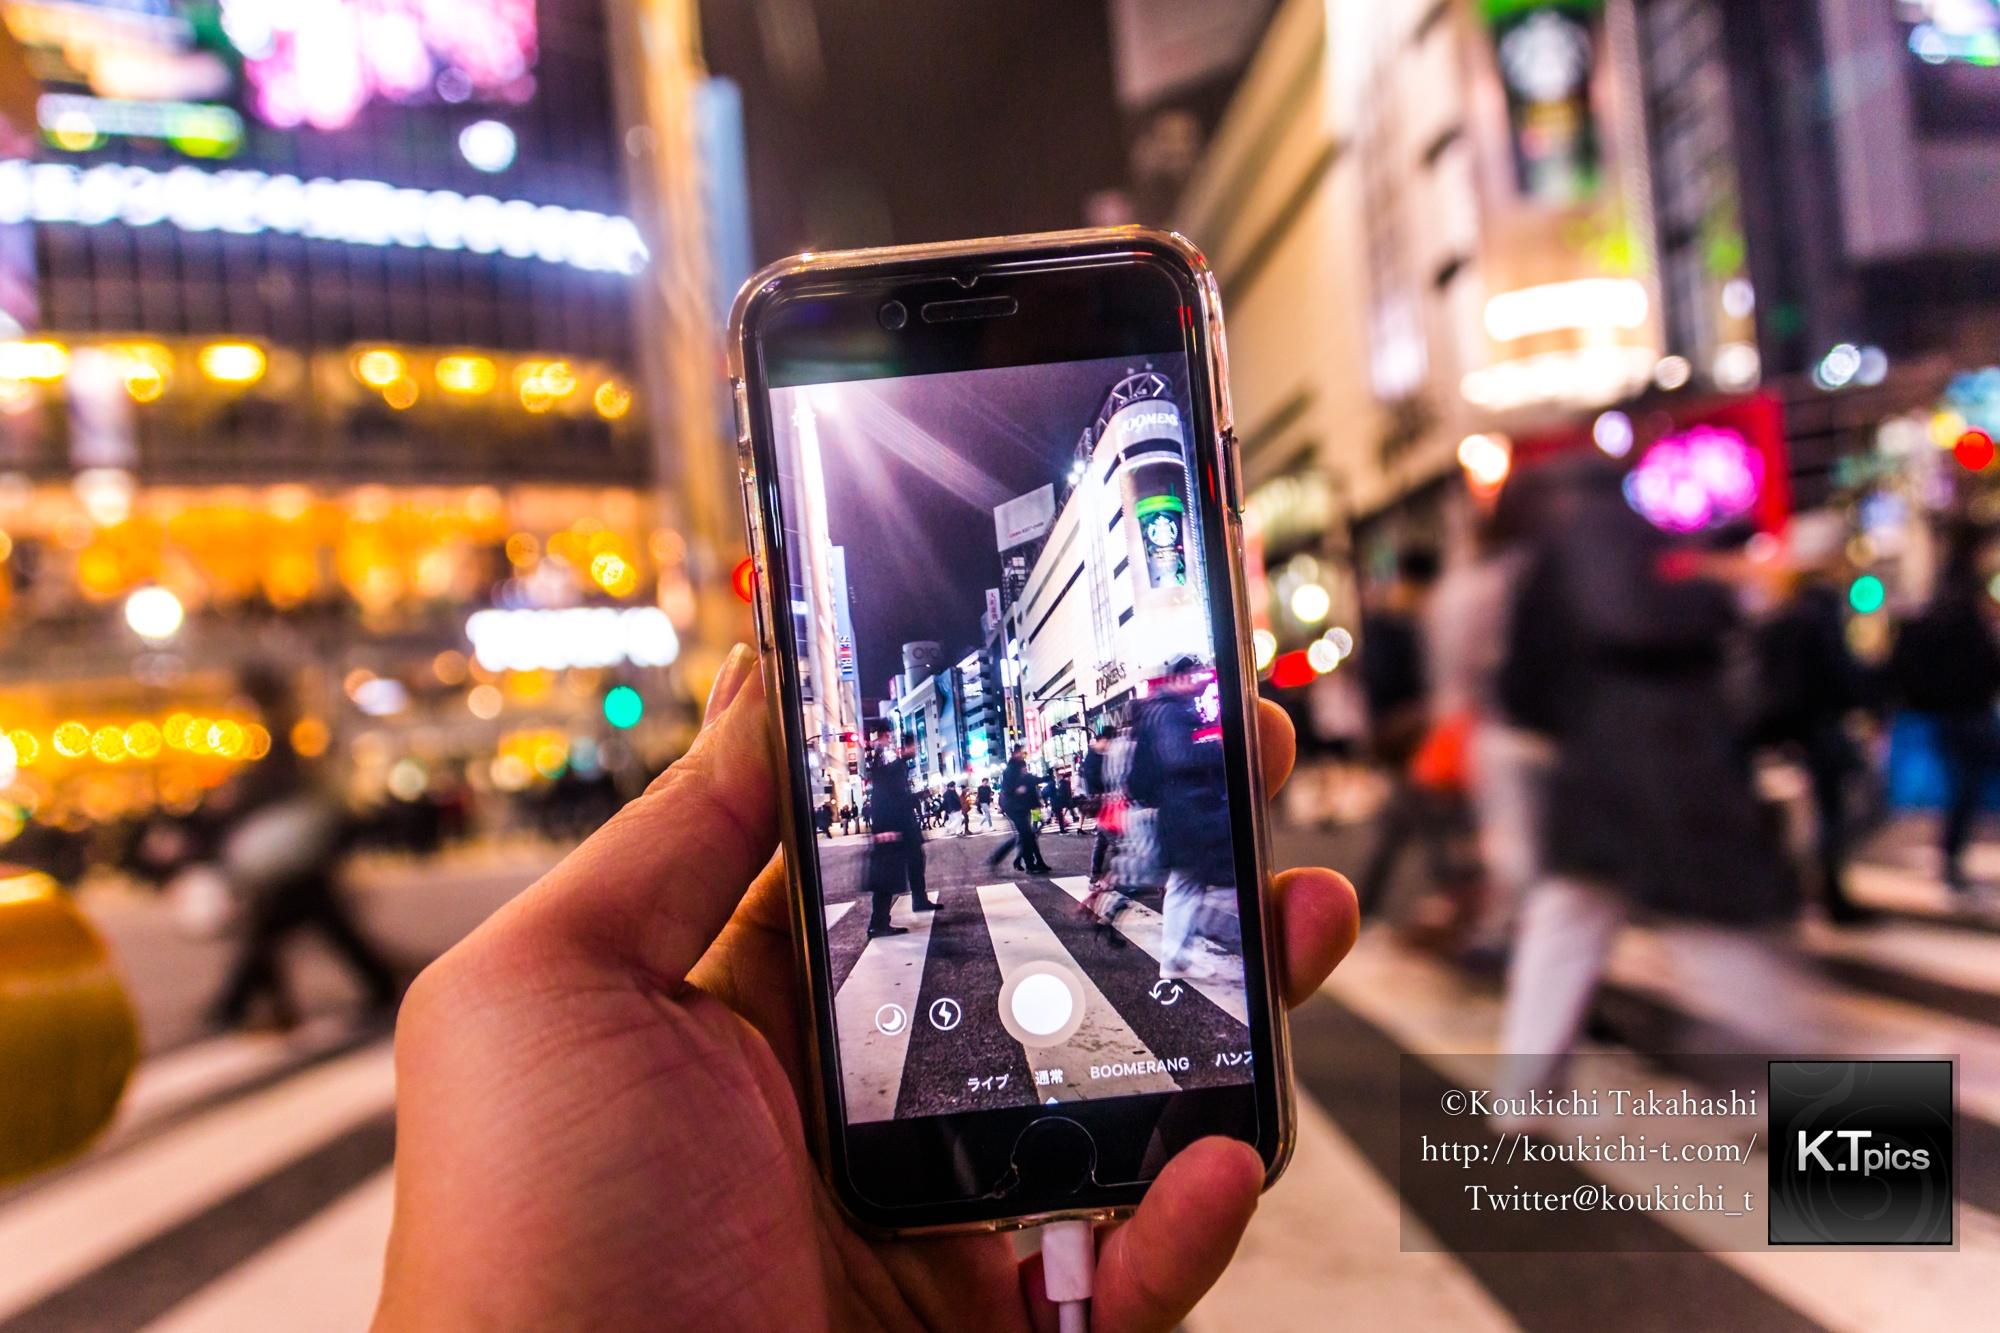 スナップマートでPOV 渋谷スクランブル交差点をスマホ撮影イメージ写真ご購入頂きました!